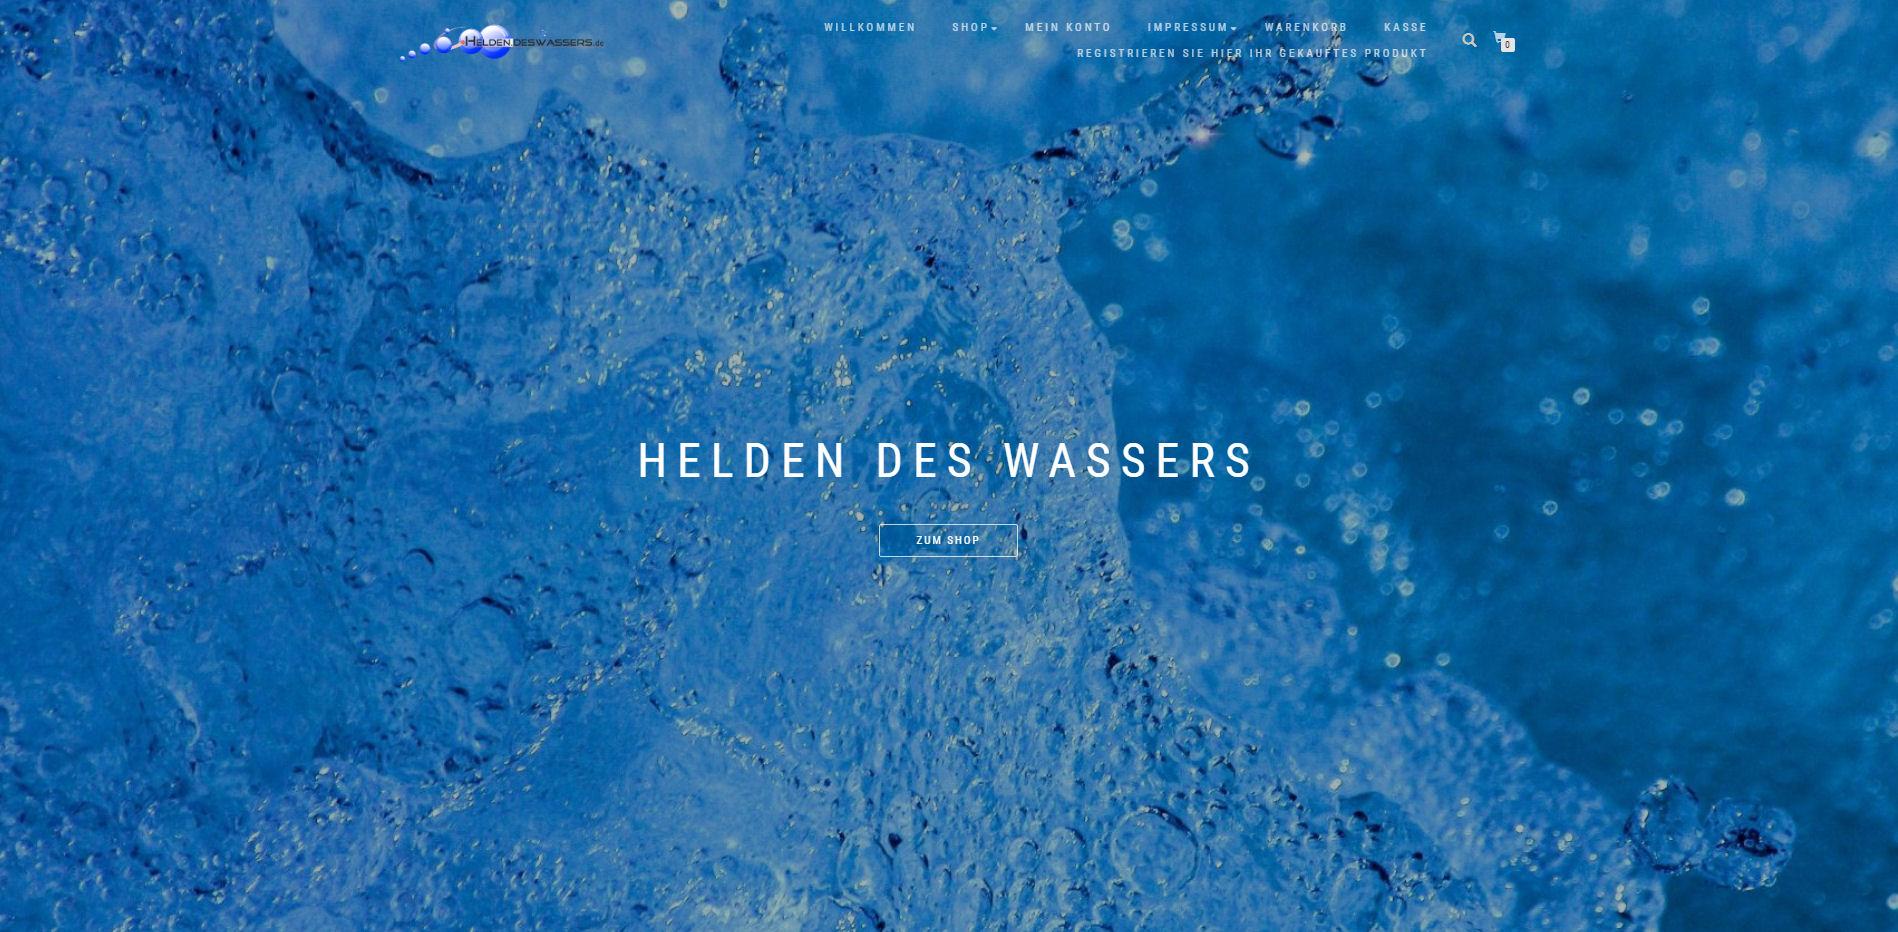 helden.deswassers.de